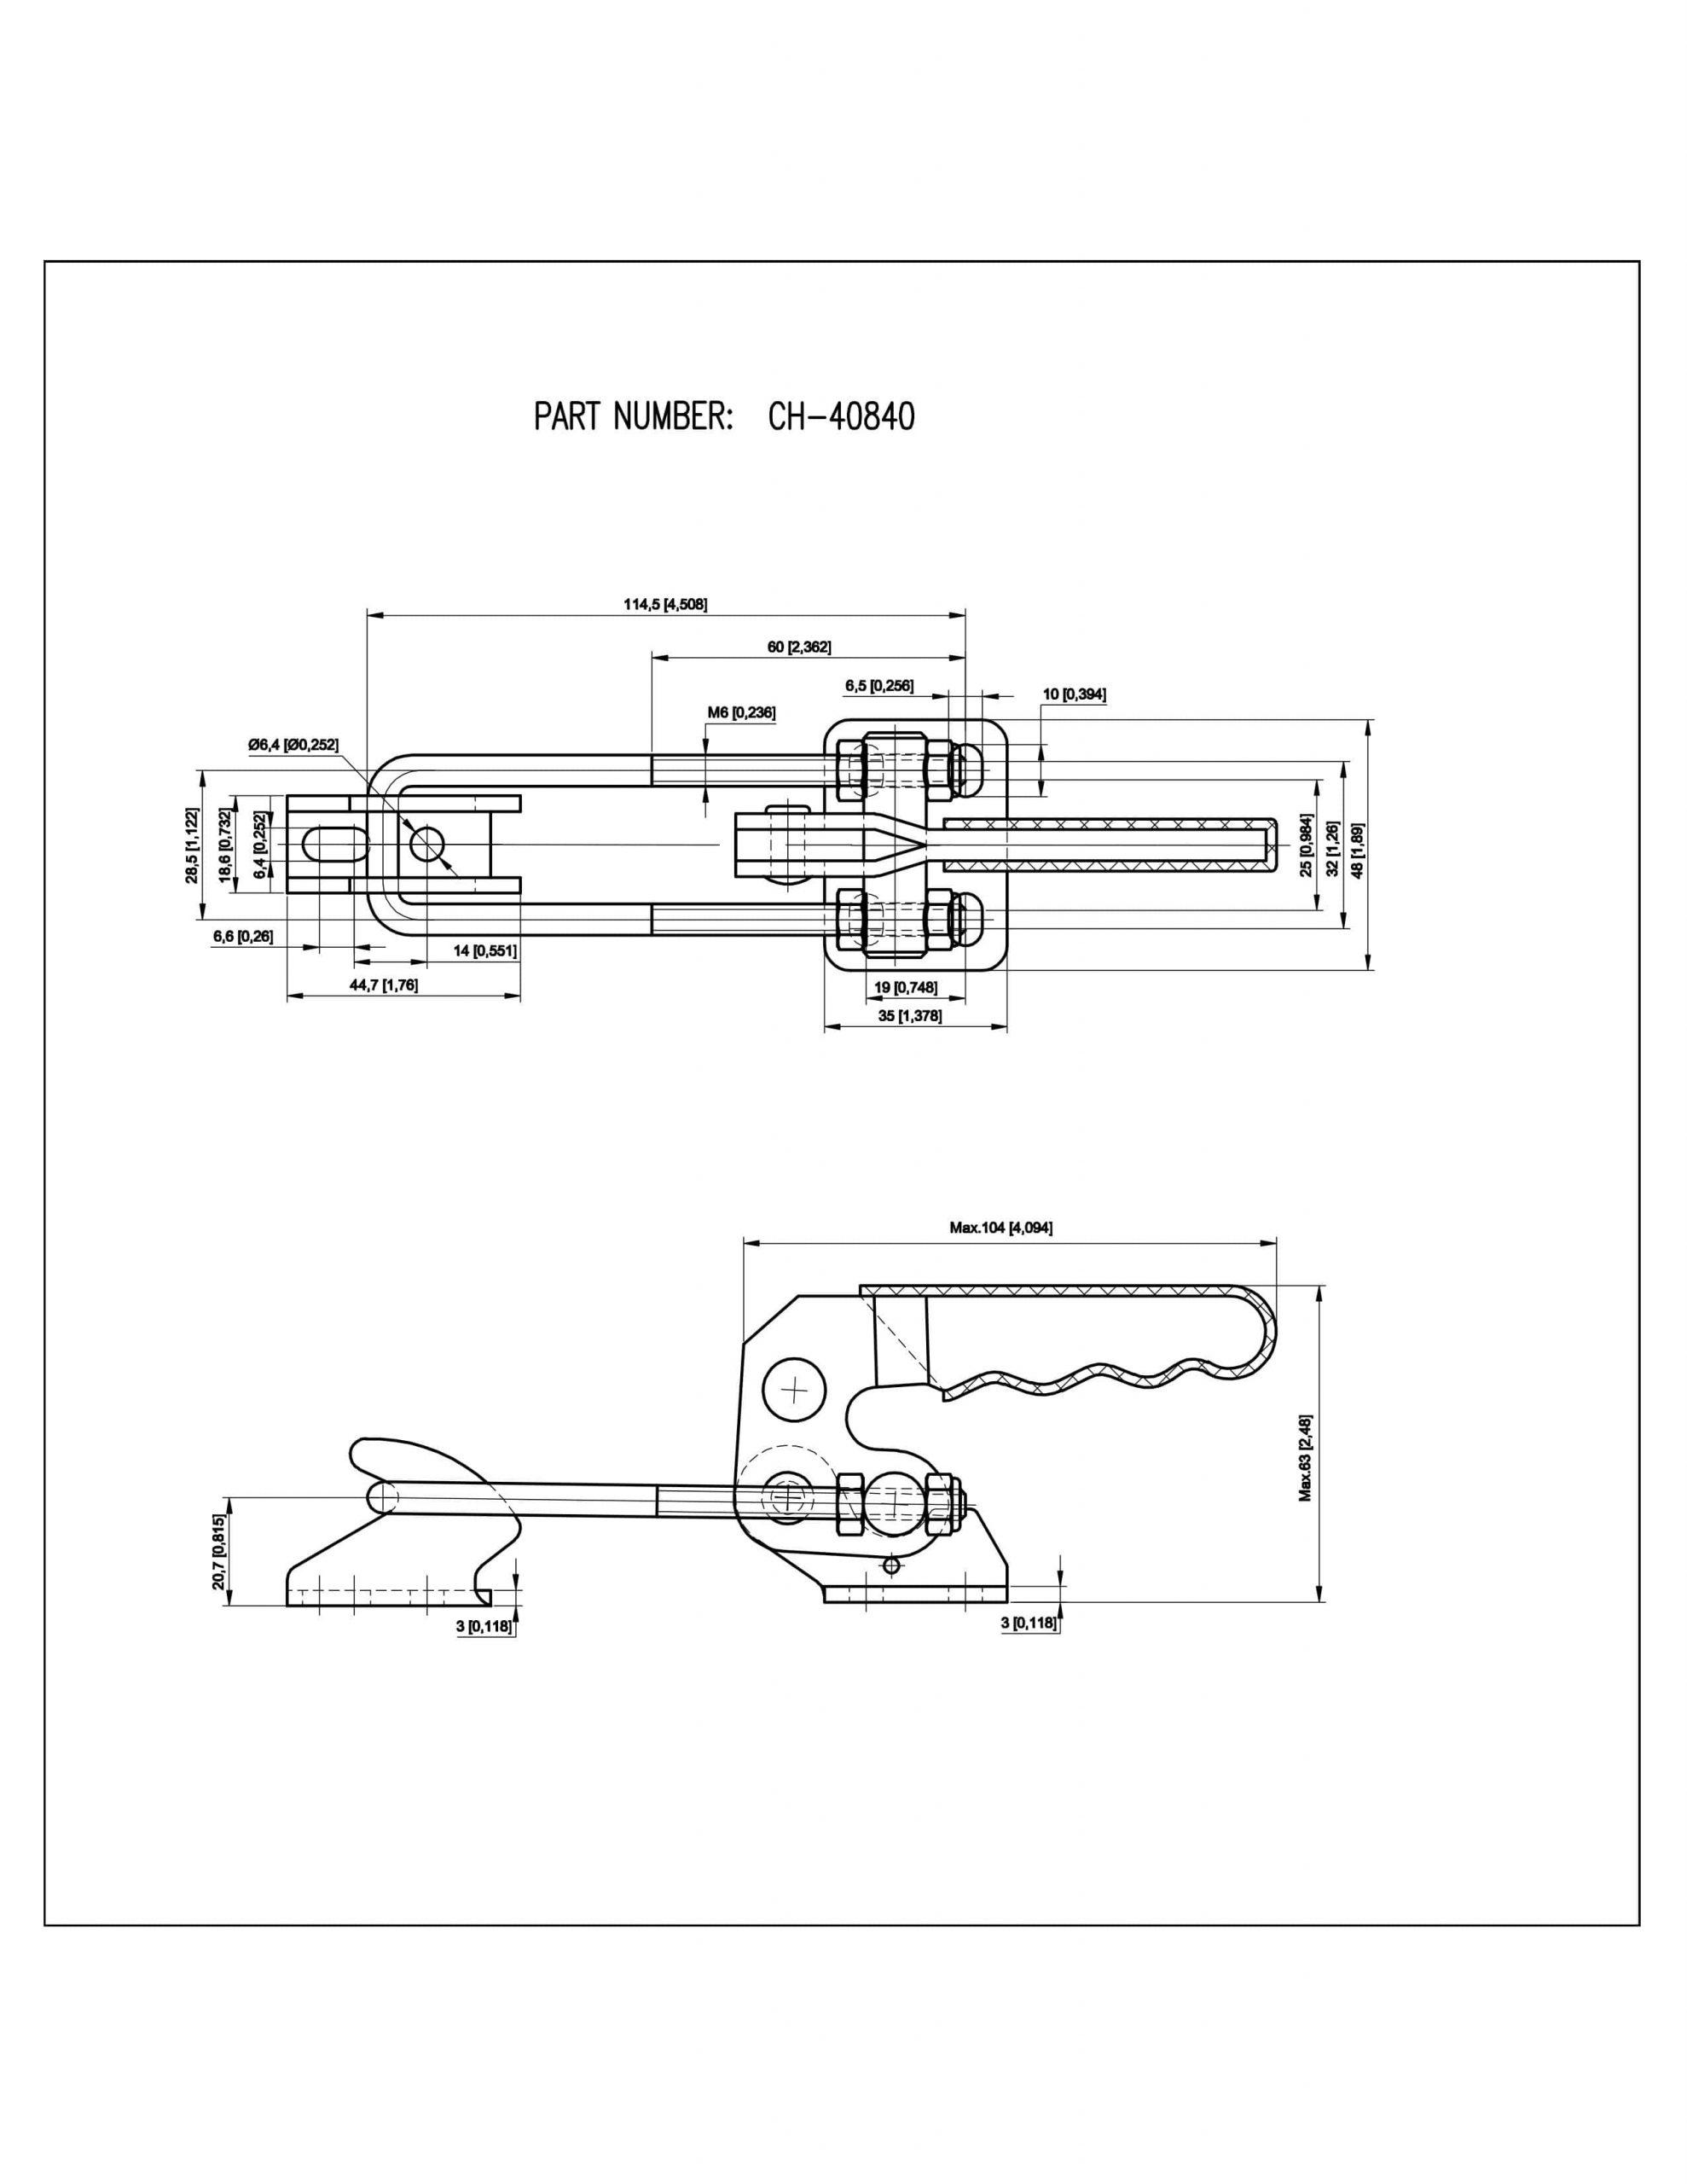 کاتالوگ کلمپ کششی CH-40840 Clamptek